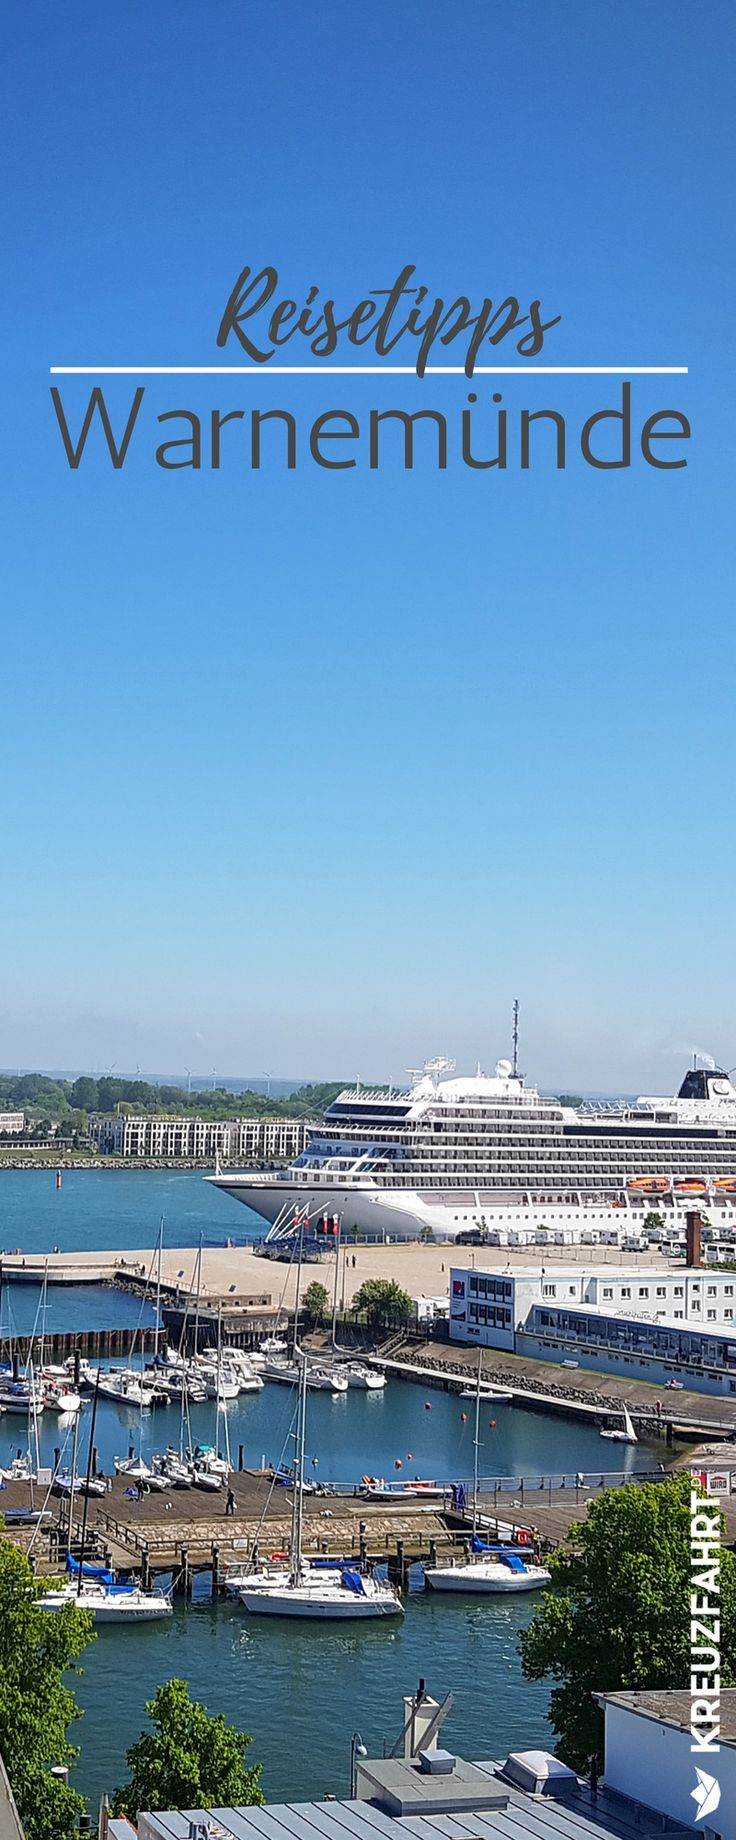 Jährlich starten unzählige tolle #Kreuzfahrten von #Reedereien wie AIDA Cruises, Costa Kreuzfahrten, MSC Kreuzfahrten, Norwegian Cruise Line und Princess Cruises vom Passagierkai in #Warnemünde. Wenn das nicht ein Grund ist, deine Kreuzfahrt mit einem Warnemünde-Trip zu verbinden! Darüber hinaus hat die kleine Stadt an der #Ostsee aber noch weitere Attraktionen zu bieten!  #kreuzfahrtde #kreuzfahrt #aidacruises #tuicruises #meinschiff #msc #costa #Rostock #hansesail #leuchtturm #reisetipps